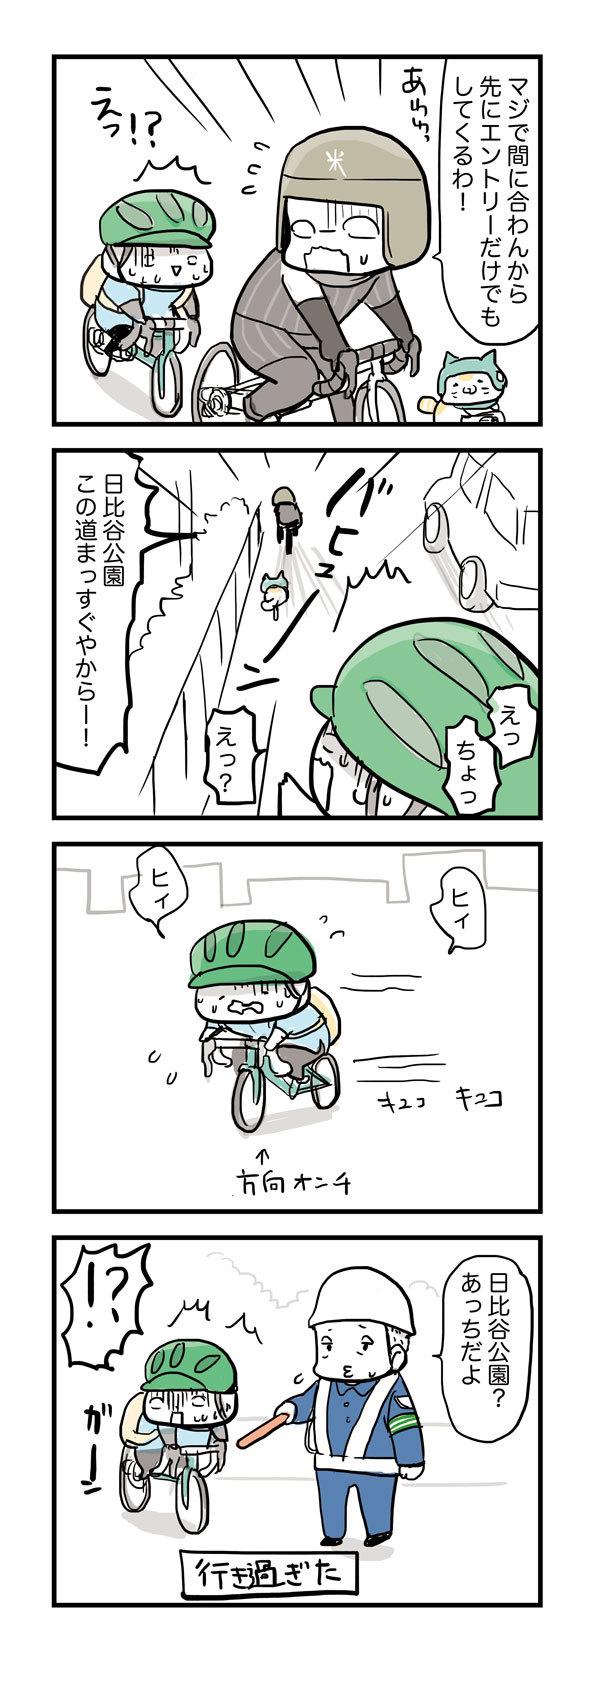 62_2バイシクルライド2